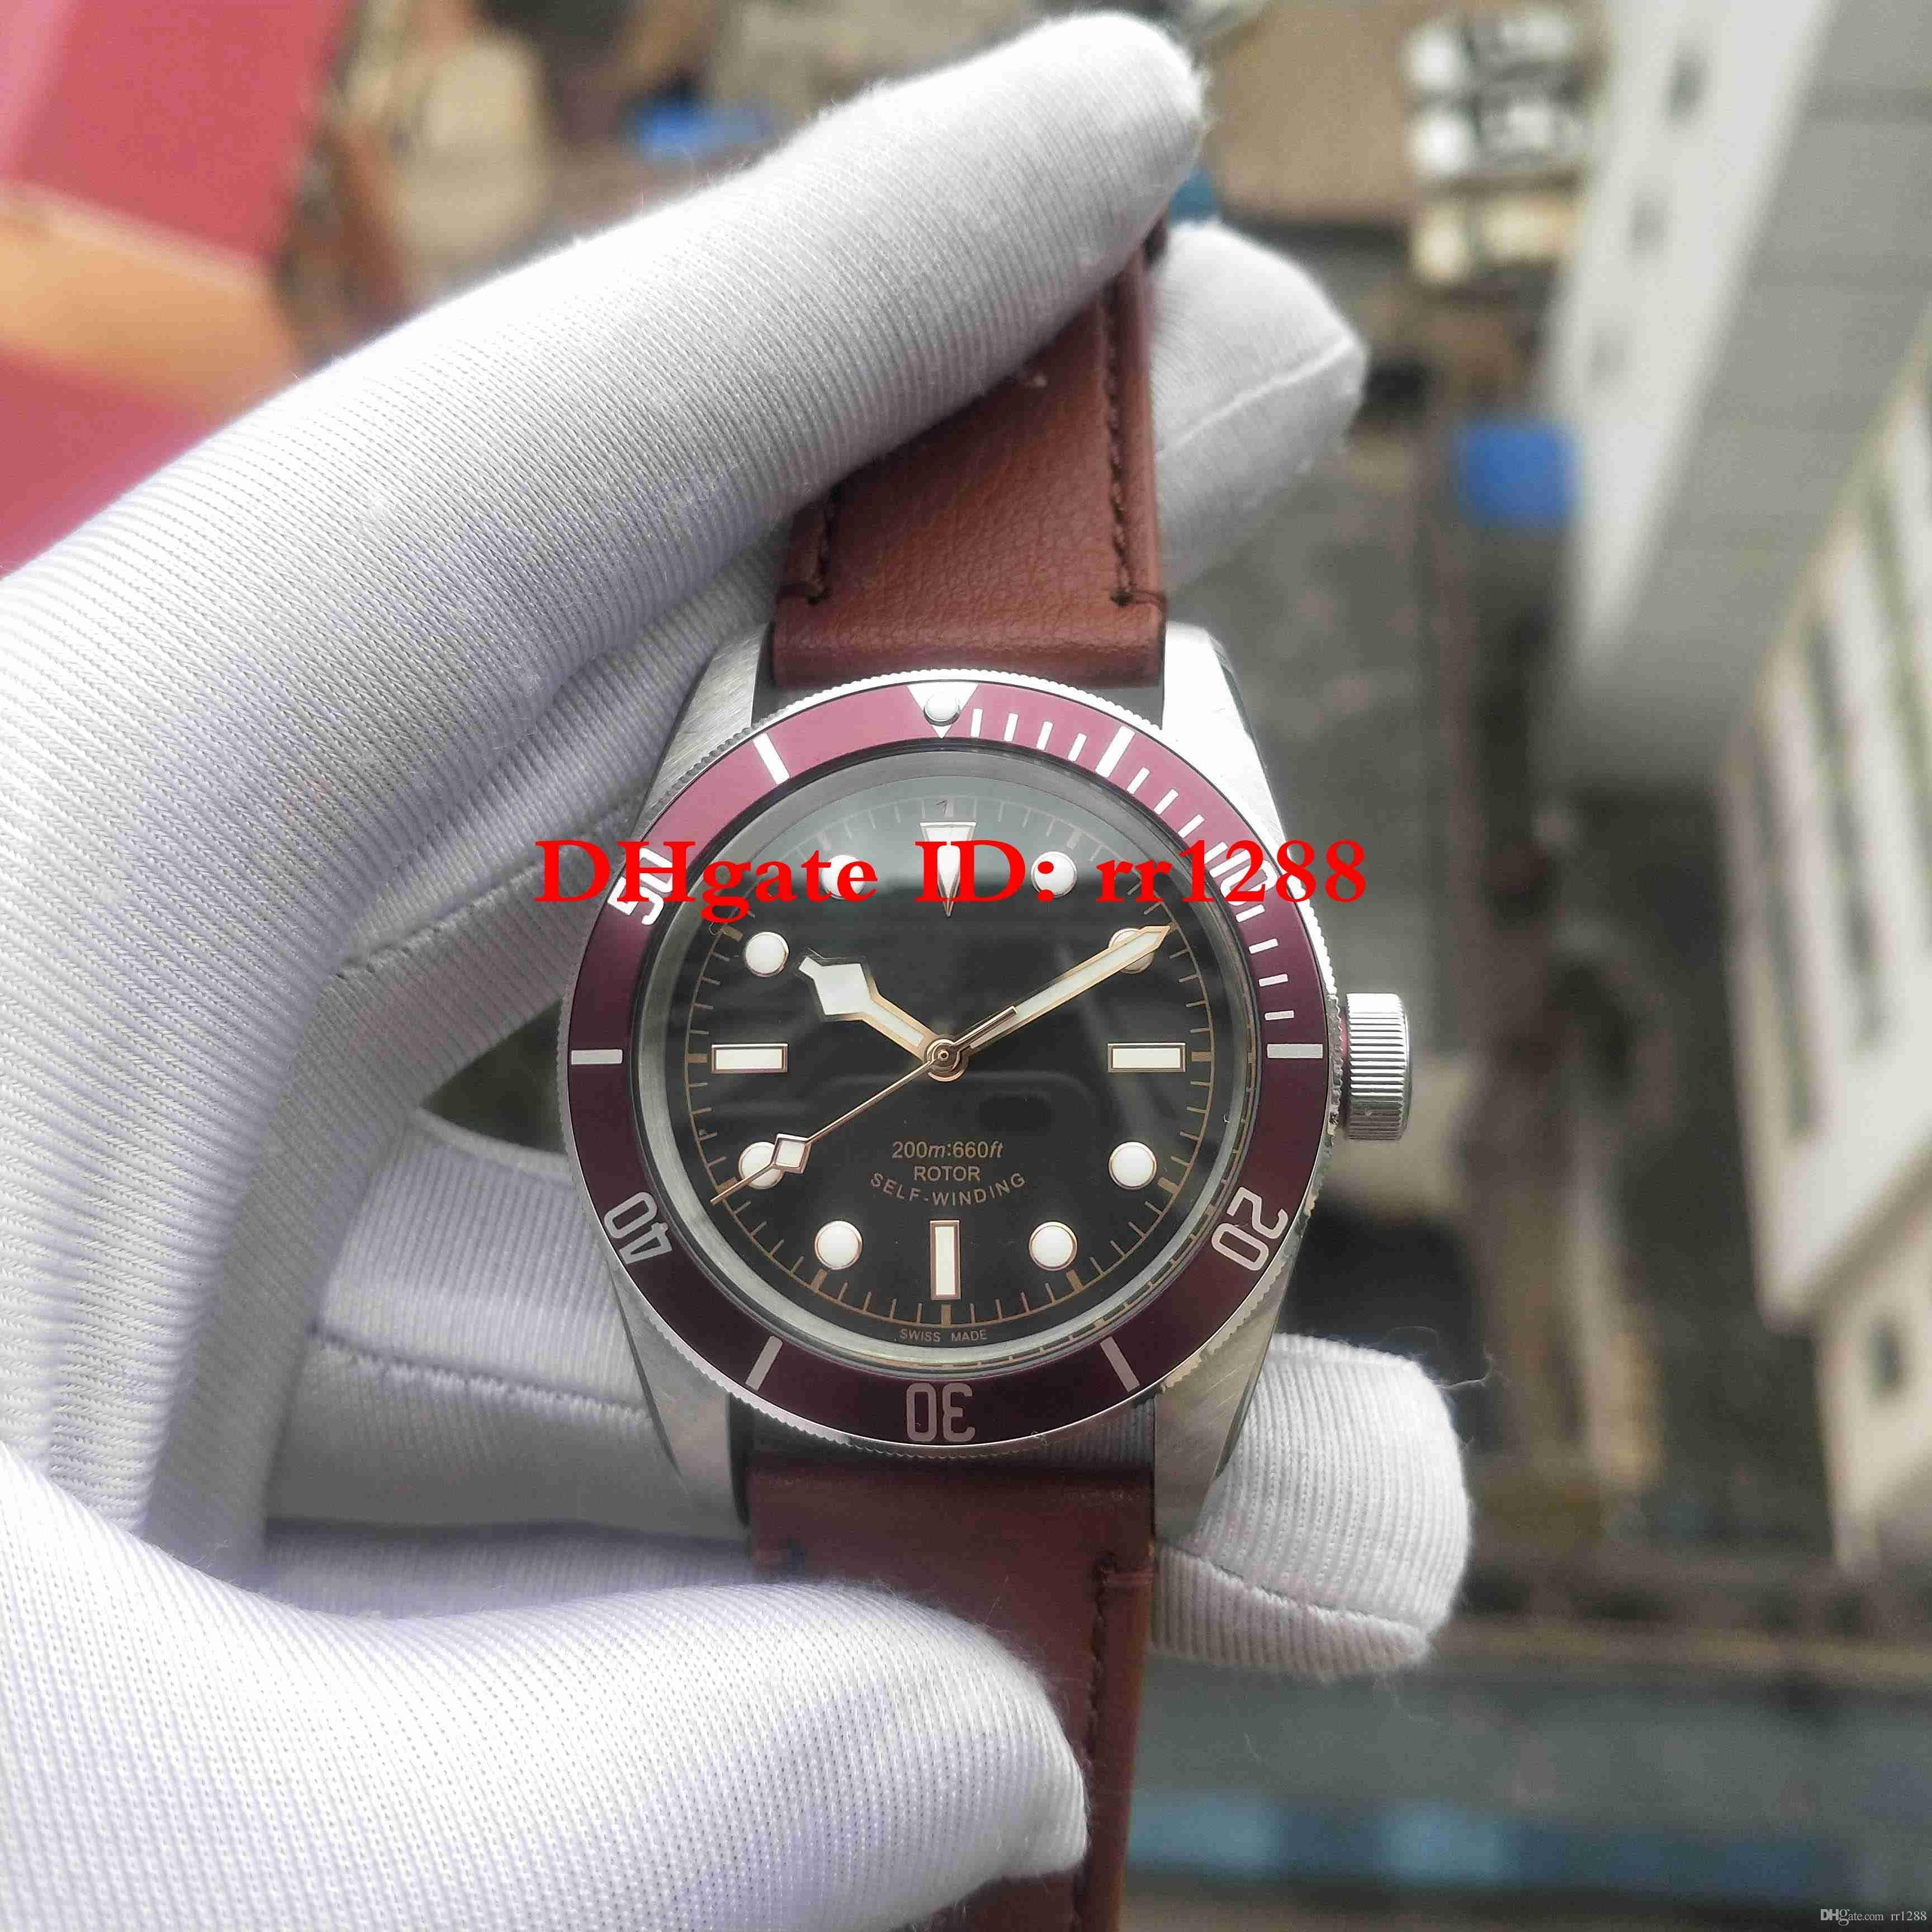 En çok satan Yüksek Kalite İzle GENEL Saatler Mekanik Otomatik Siyah kadran Kahverengi kayış Erkek Saatler Saatı